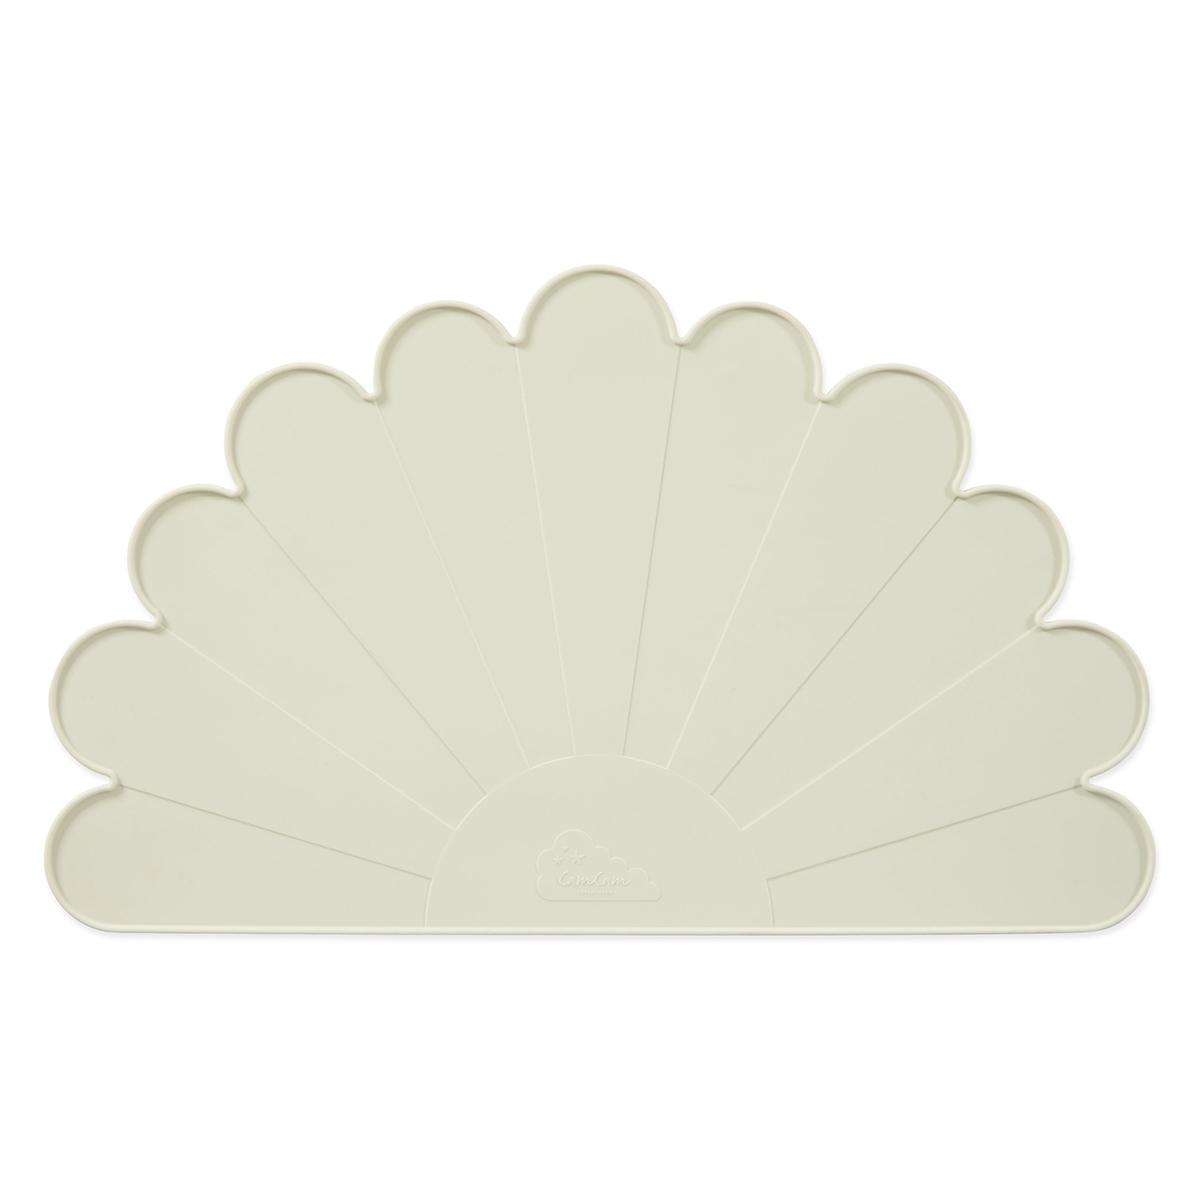 Vaisselle & Couvert Set de Table Fleur - Light Sand Set de Table Fleur - Light Sand